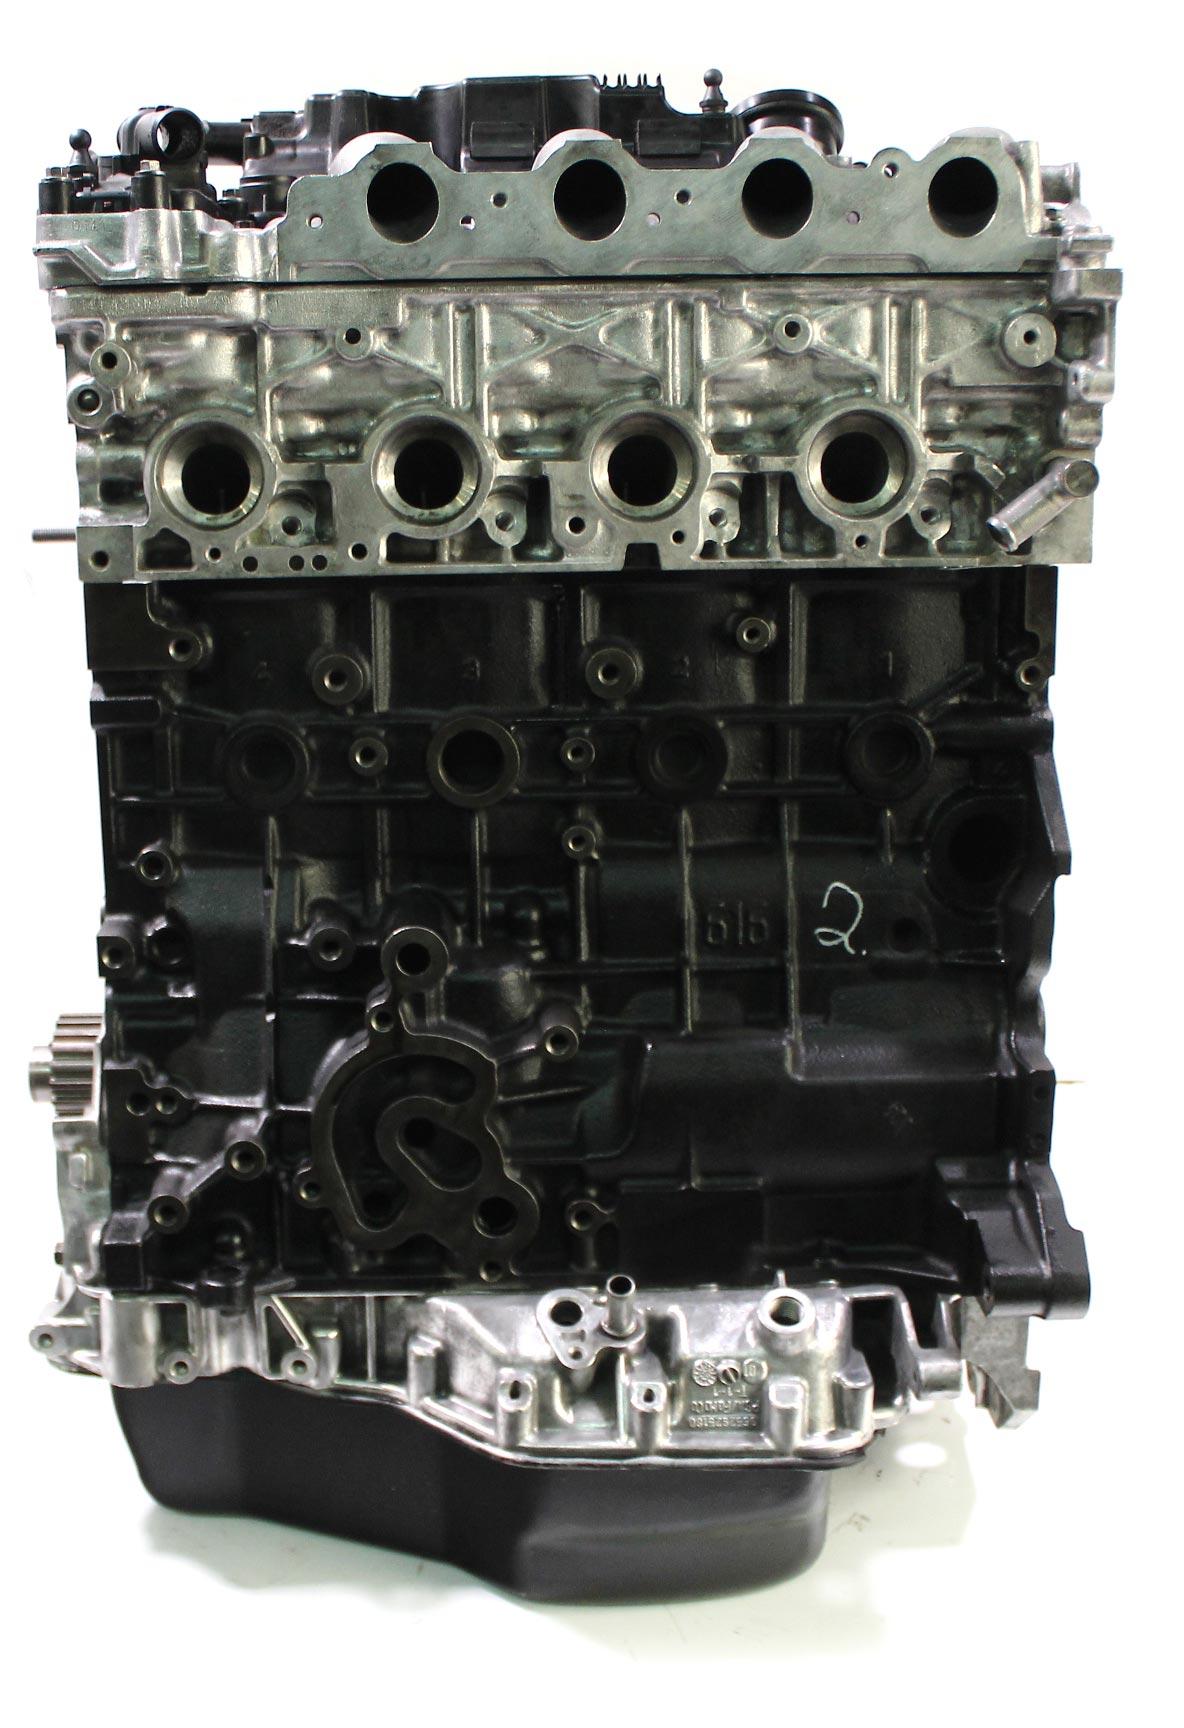 Motor 2010 Jaguar Land Rover 2,2 D Diesel 224DT Kolben Dichtung NEU Kopf geplant